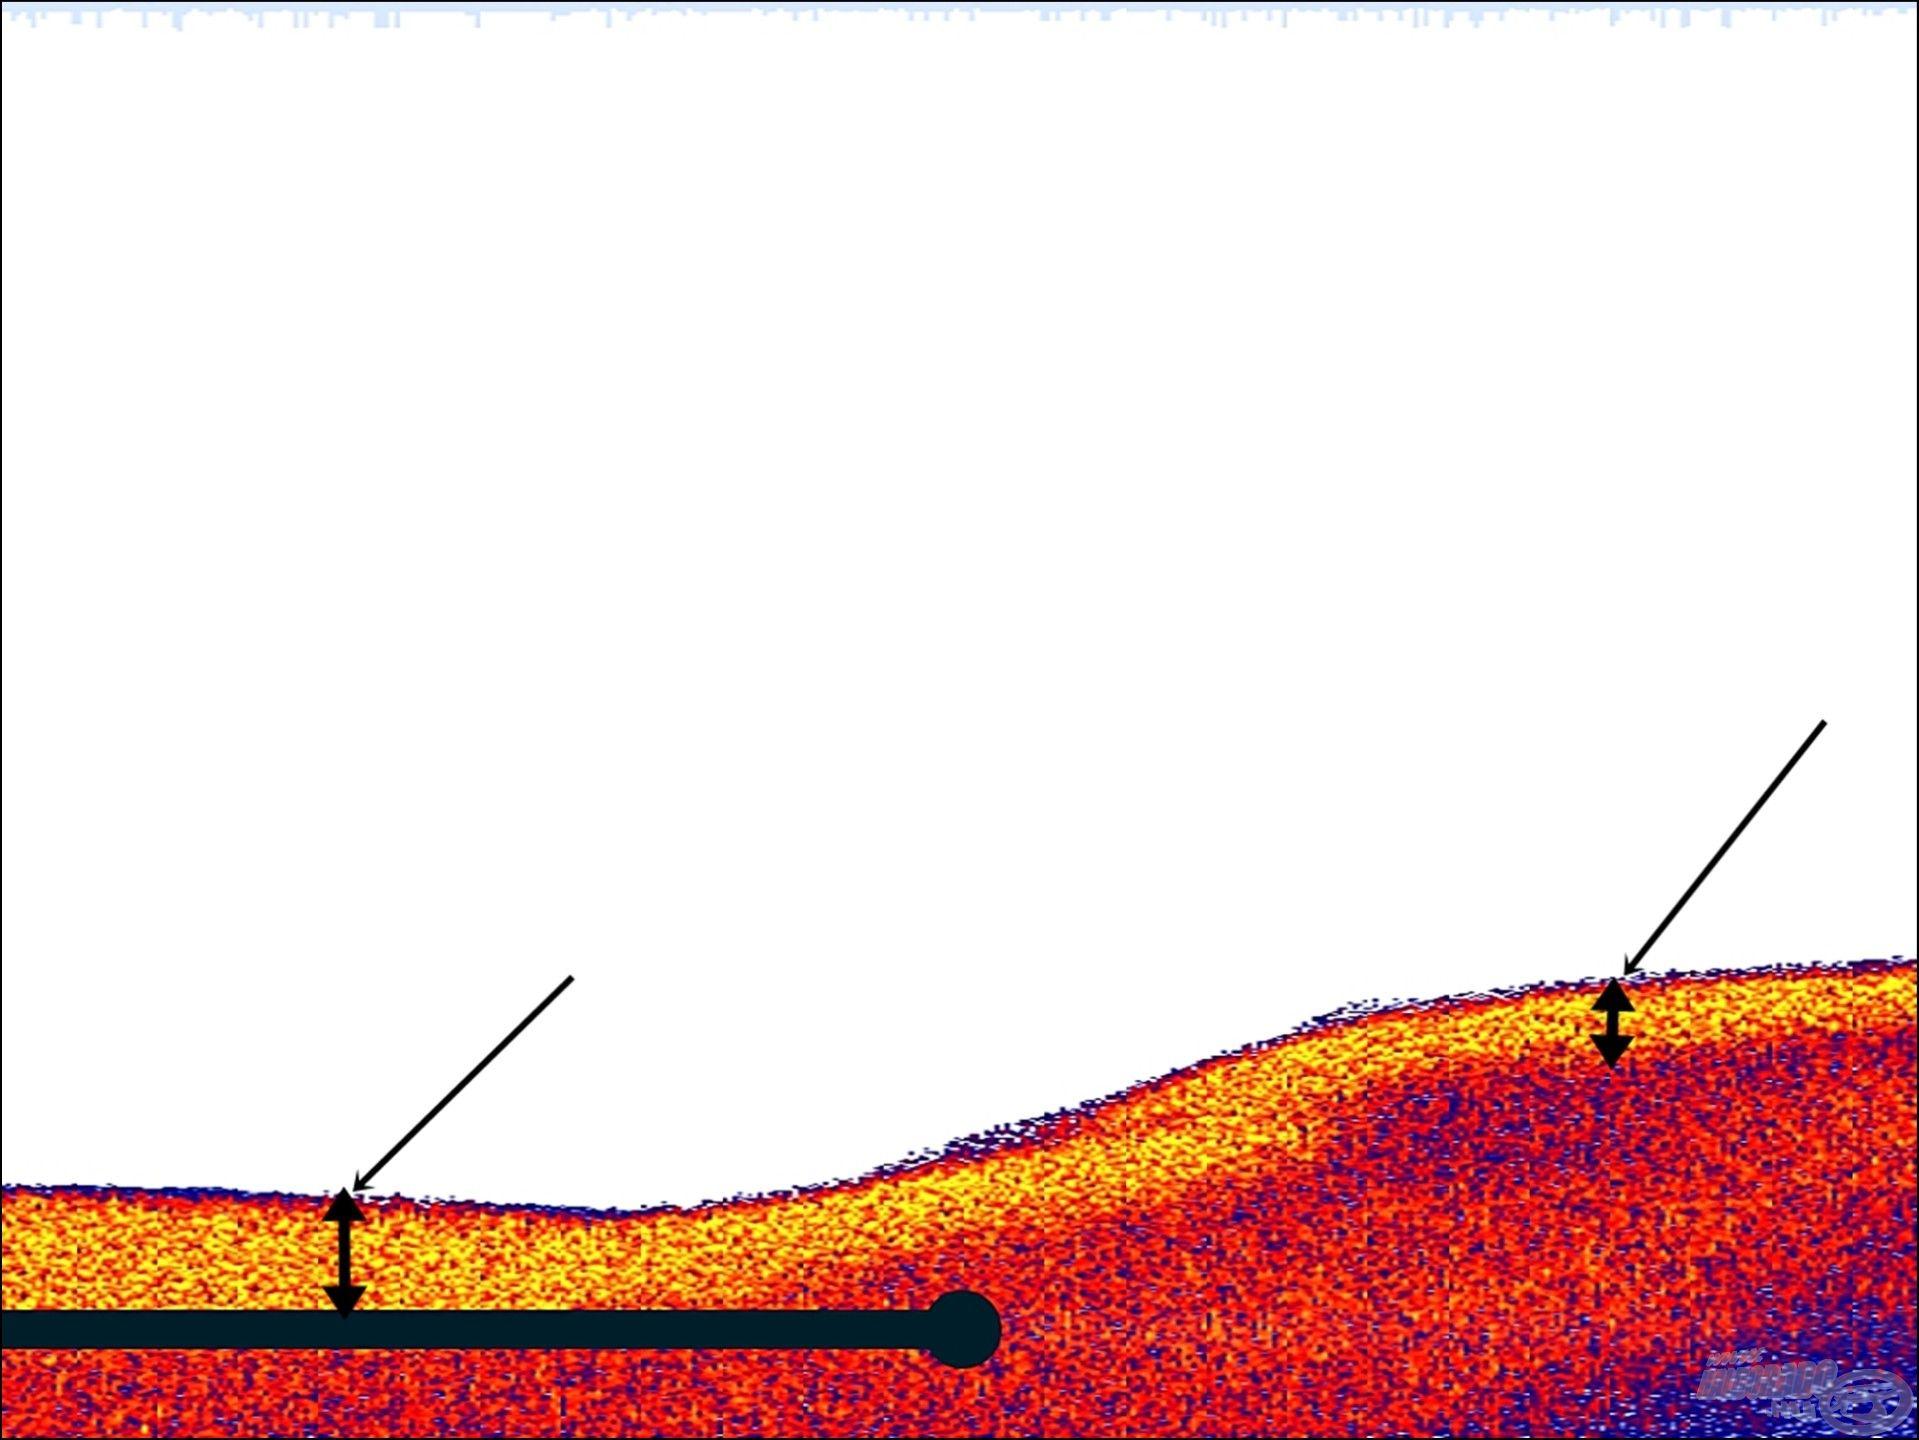 Szintén a fenék keménységét tudjuk nyomon követni, a 2 nyíl által jelzett sárga sáv szélessége mutatja, hogy a mederben keményebb, a törésen feljebb kevésbé kemény a terület